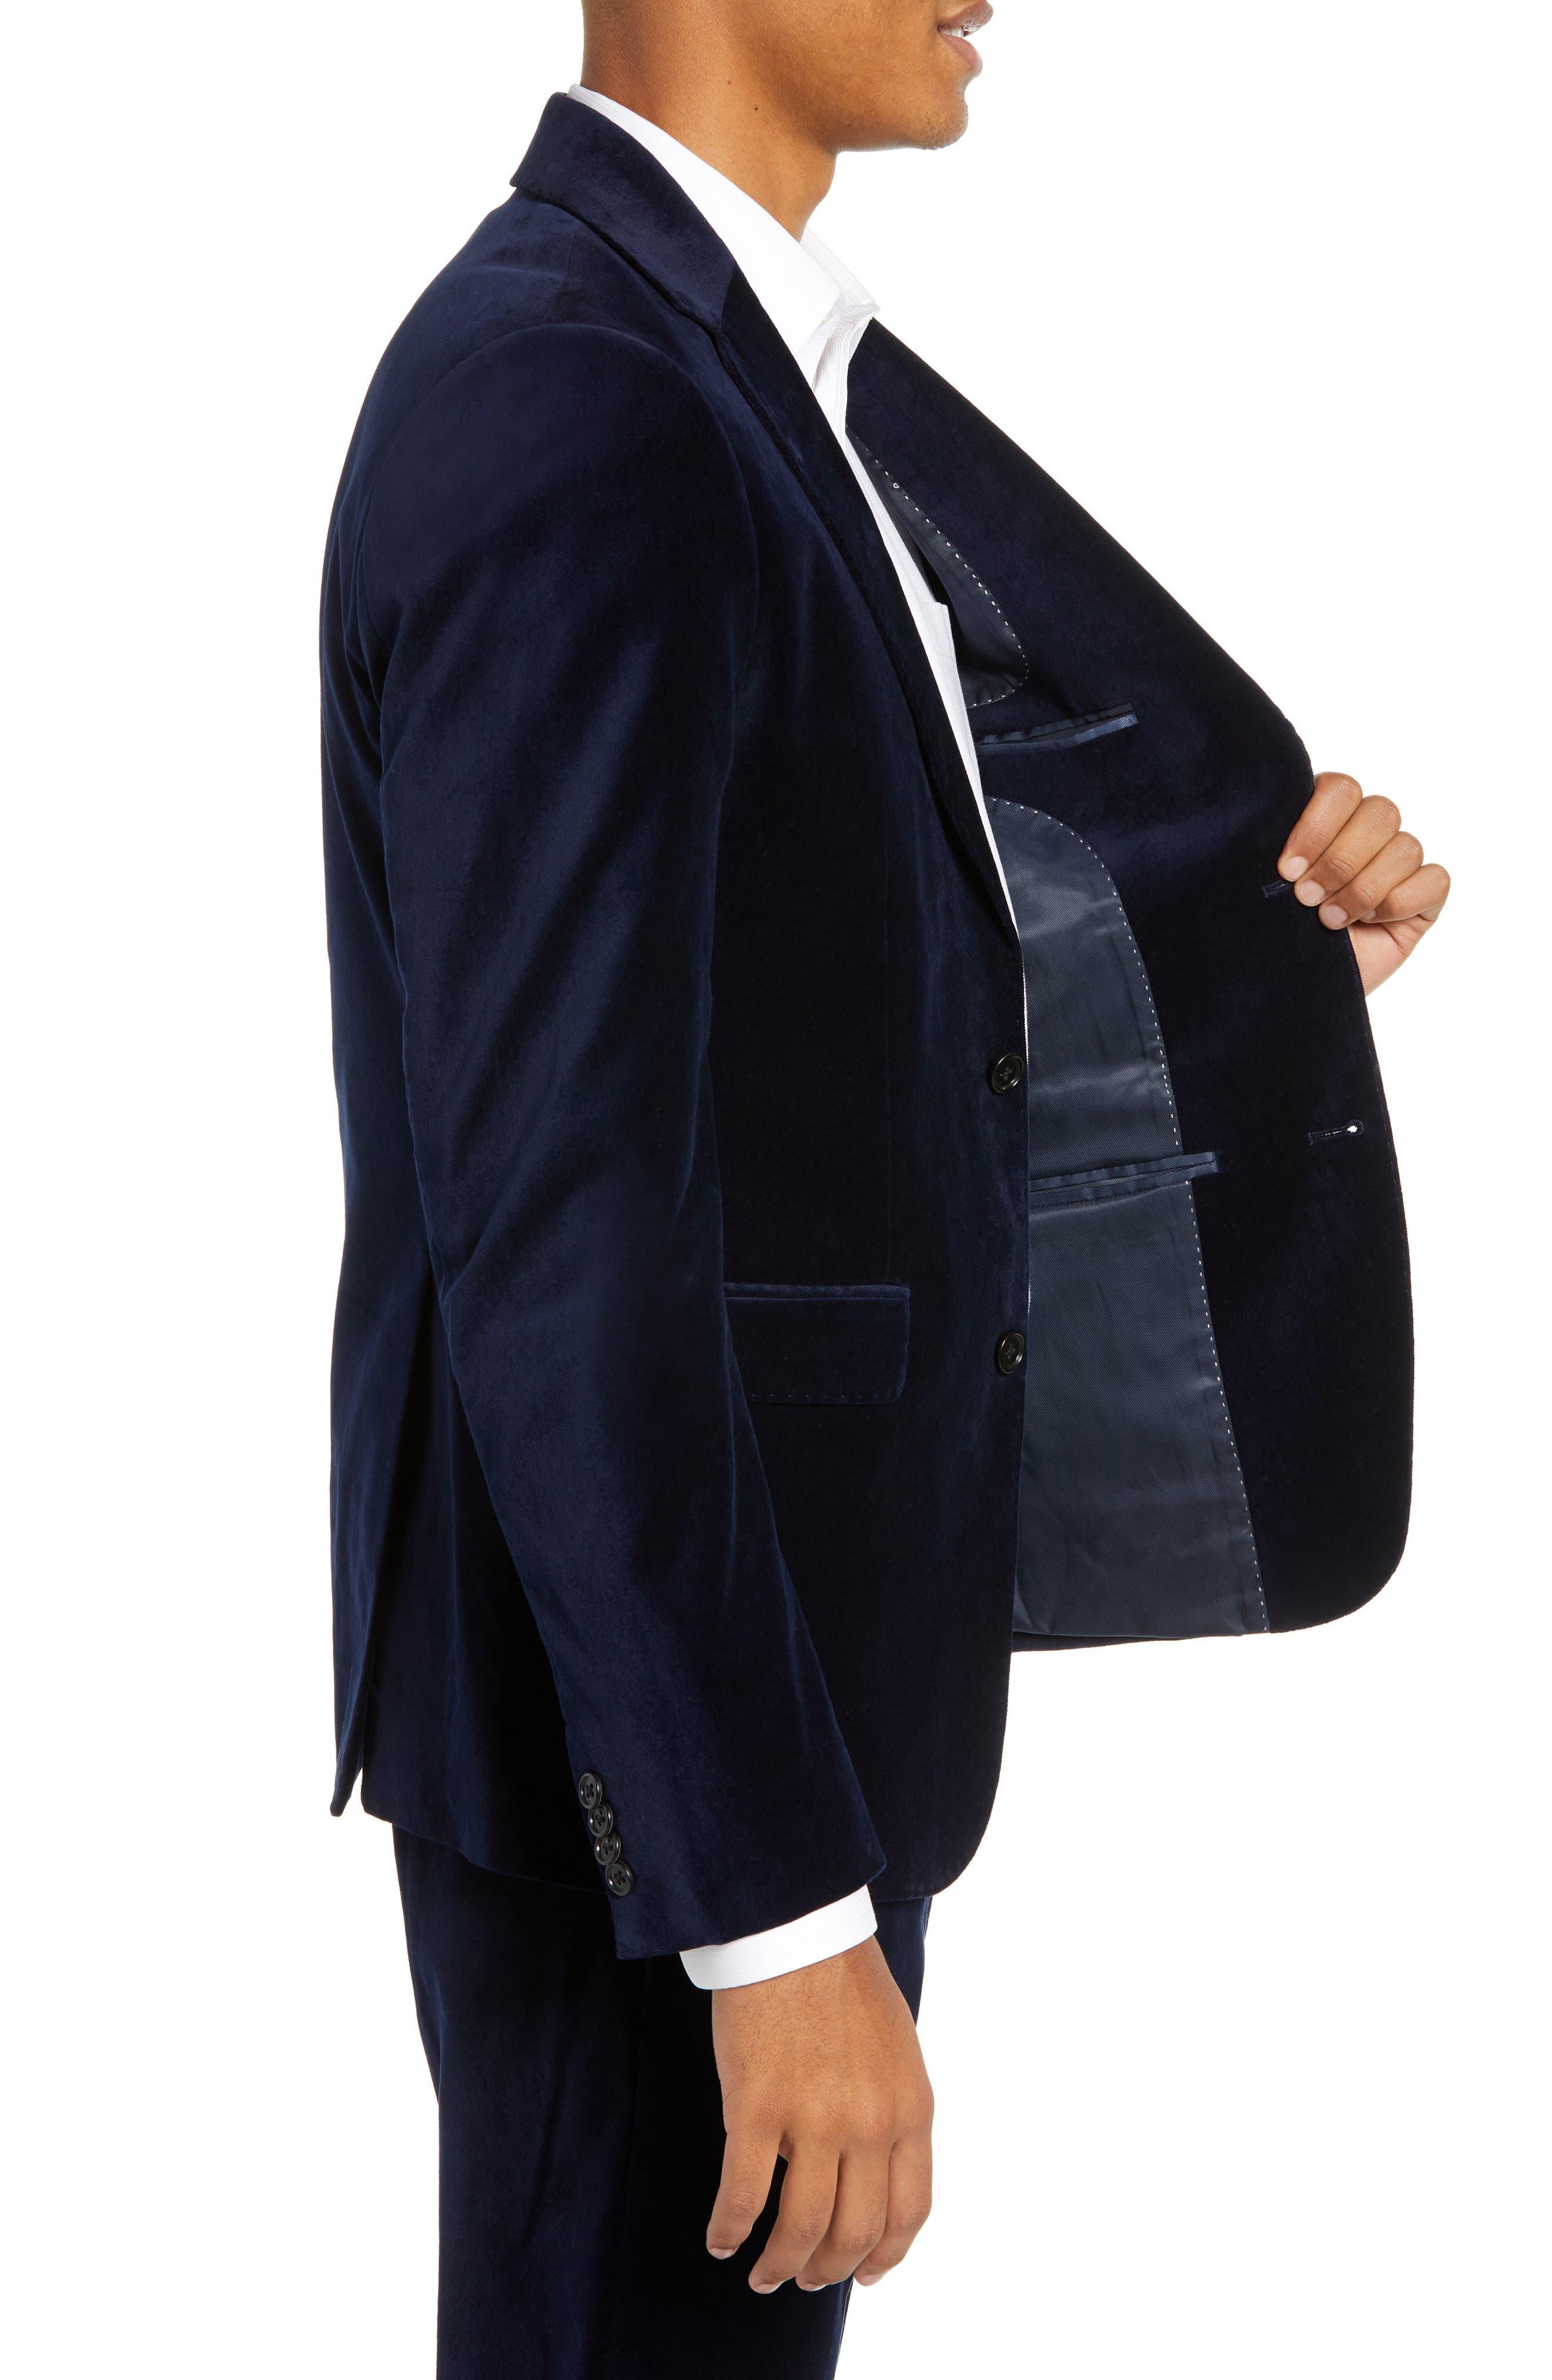 FRENCH CONNECTION,                             Regular Fit Plush Velveteen Blazer,                             Alternate thumbnail 3, color,                             BLUE BLOOD